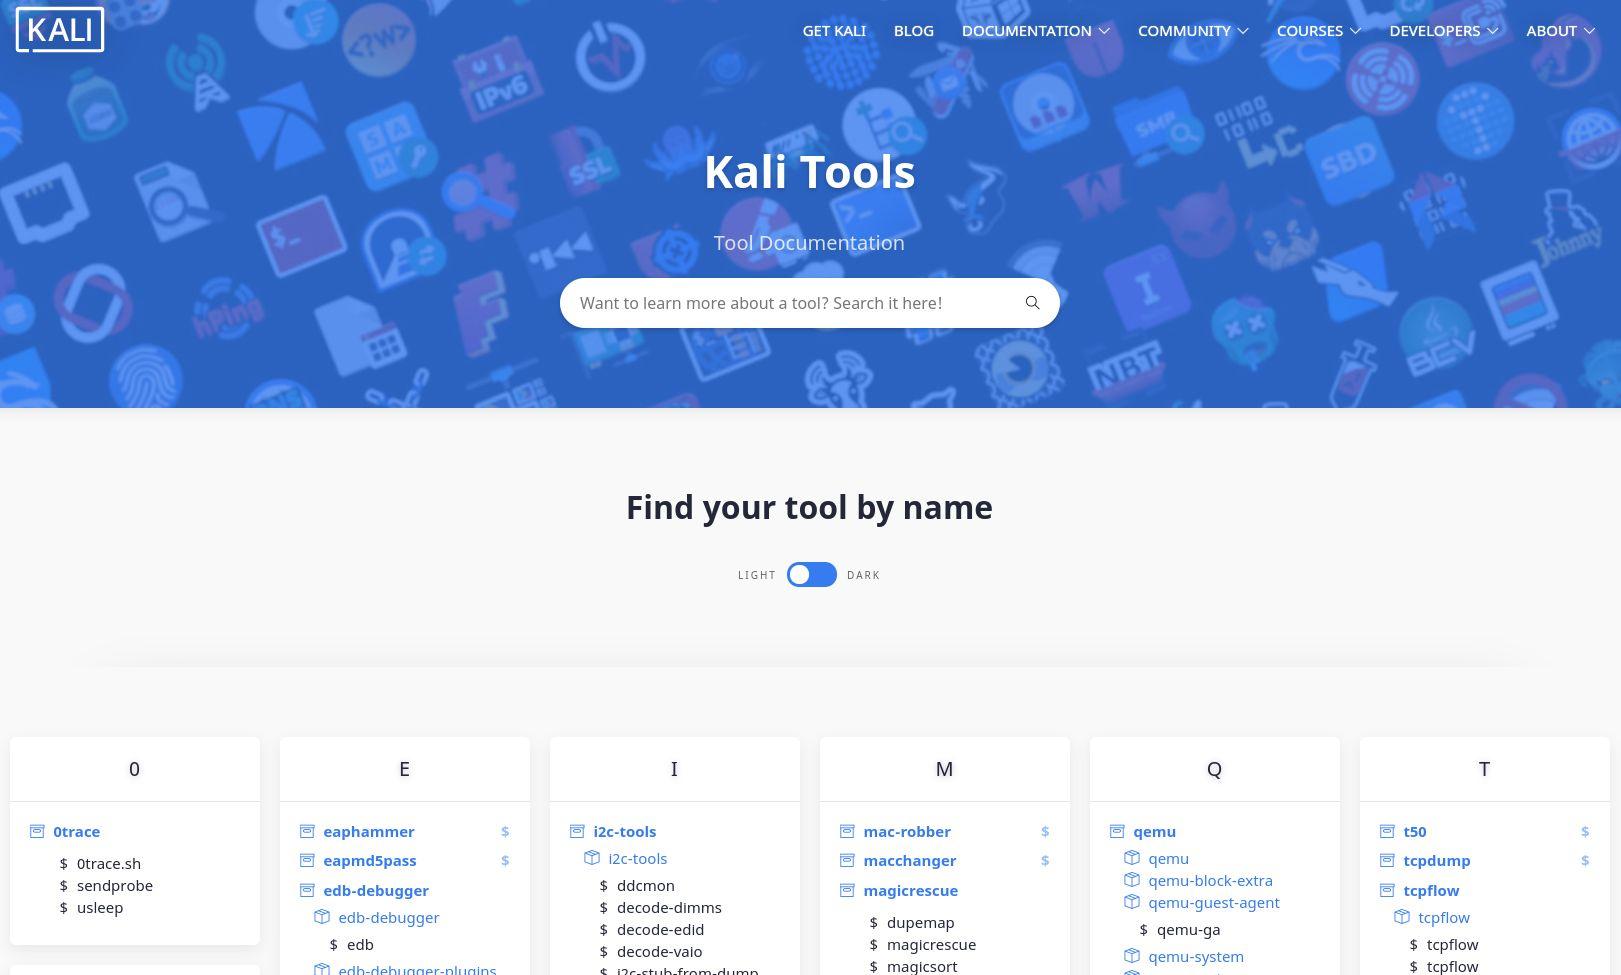 Sitio web de la documentación de las herramientas de Kali Linux